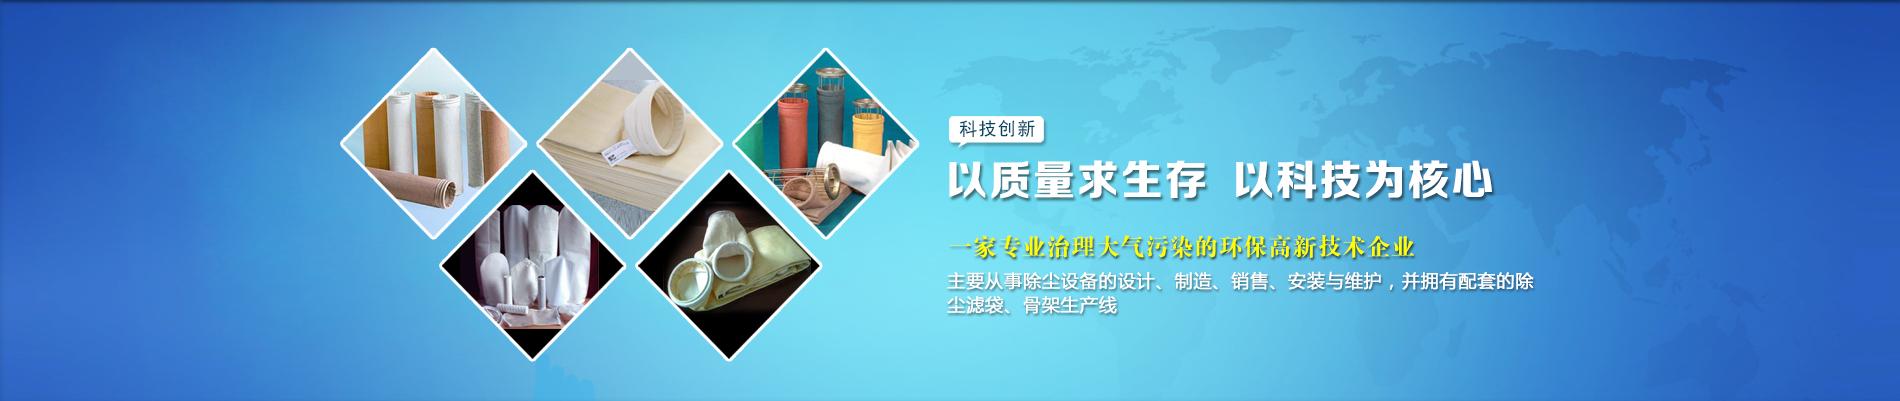 洛阳天泽环保科技有限公司